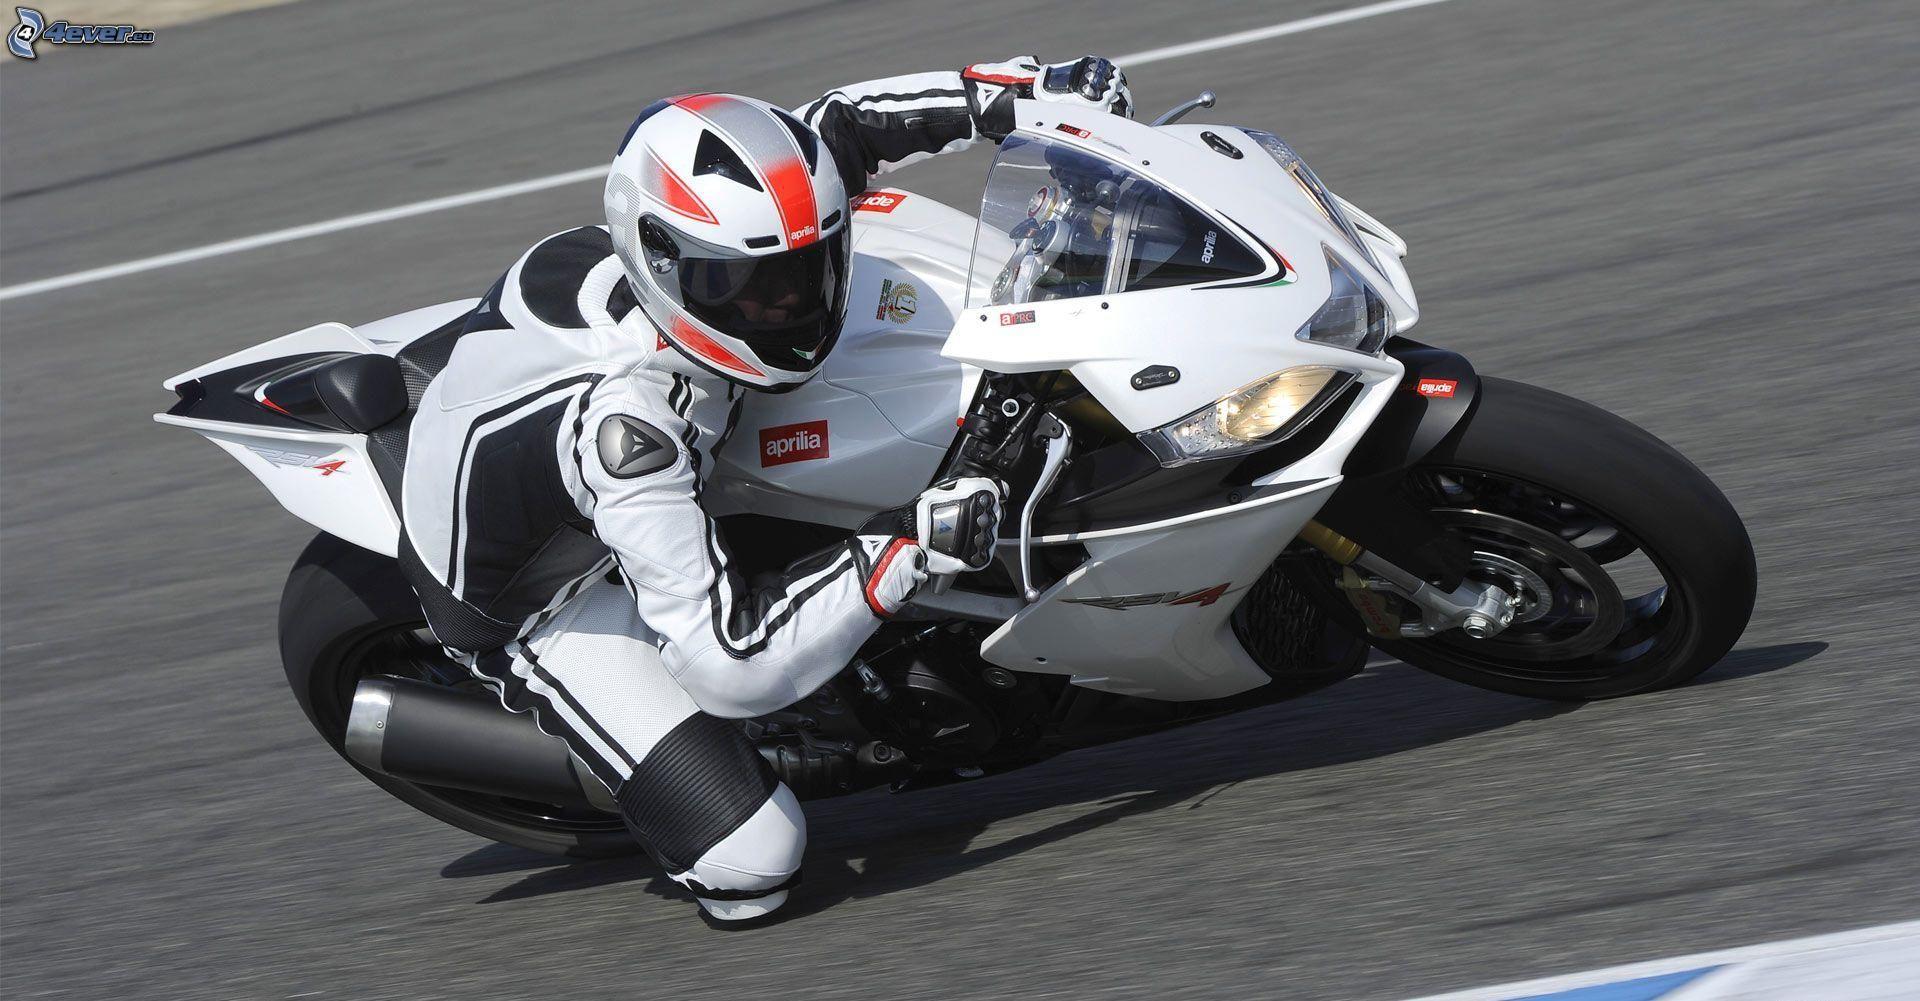 Lo principal de un buen neumático de moto es el agarre